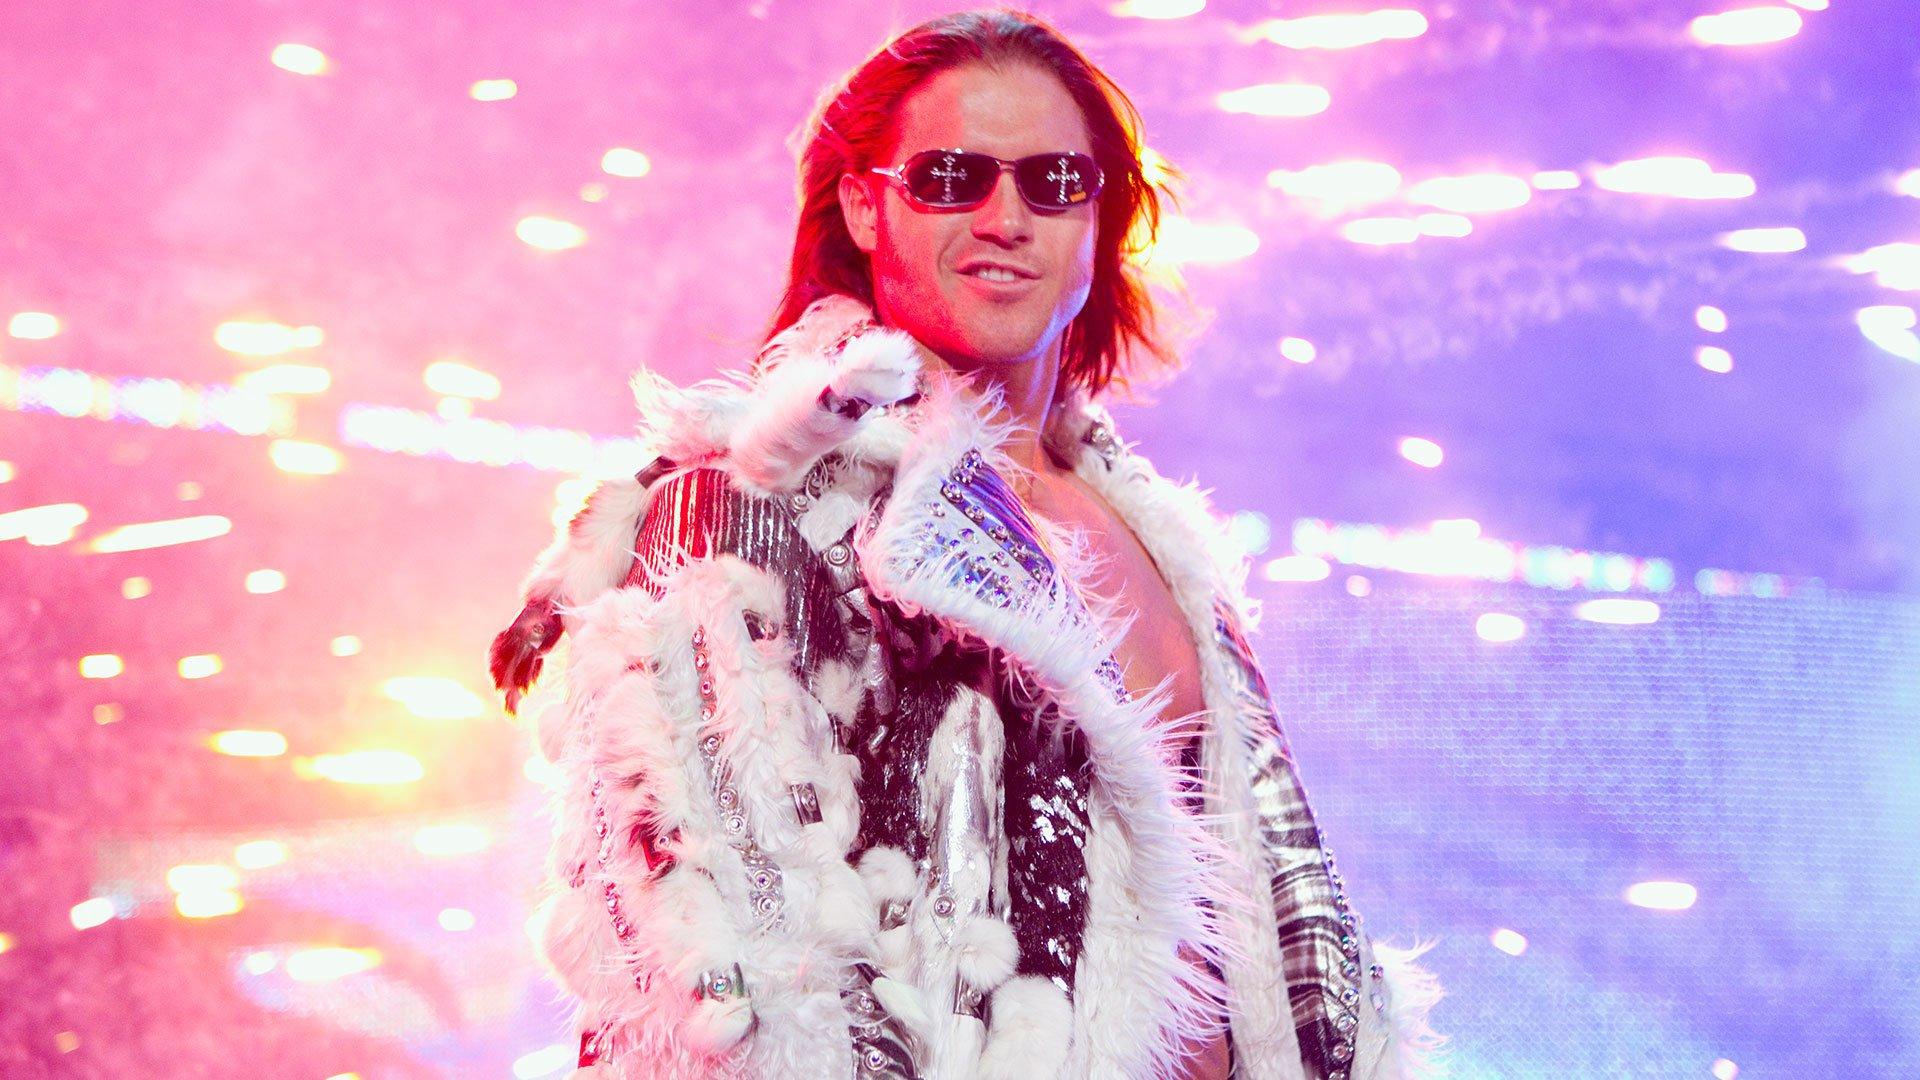 Coolest WWE Superstar entrances